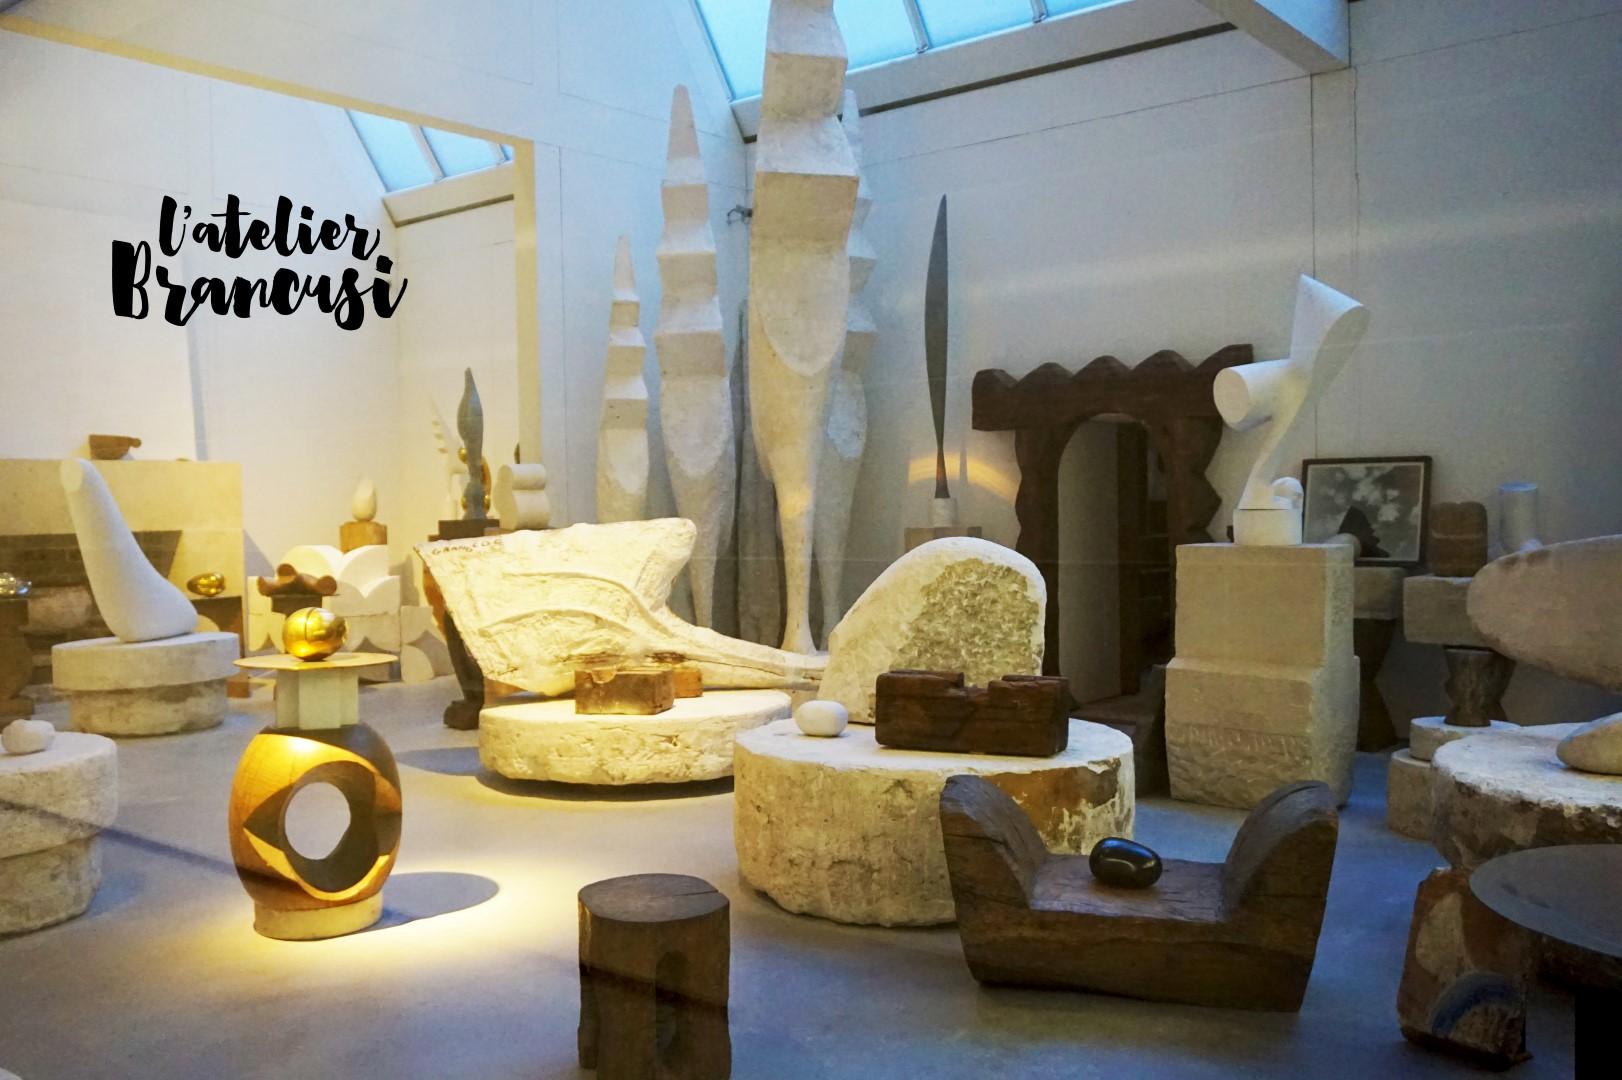 balade hivernale de charonne beaubourg un petit pois. Black Bedroom Furniture Sets. Home Design Ideas